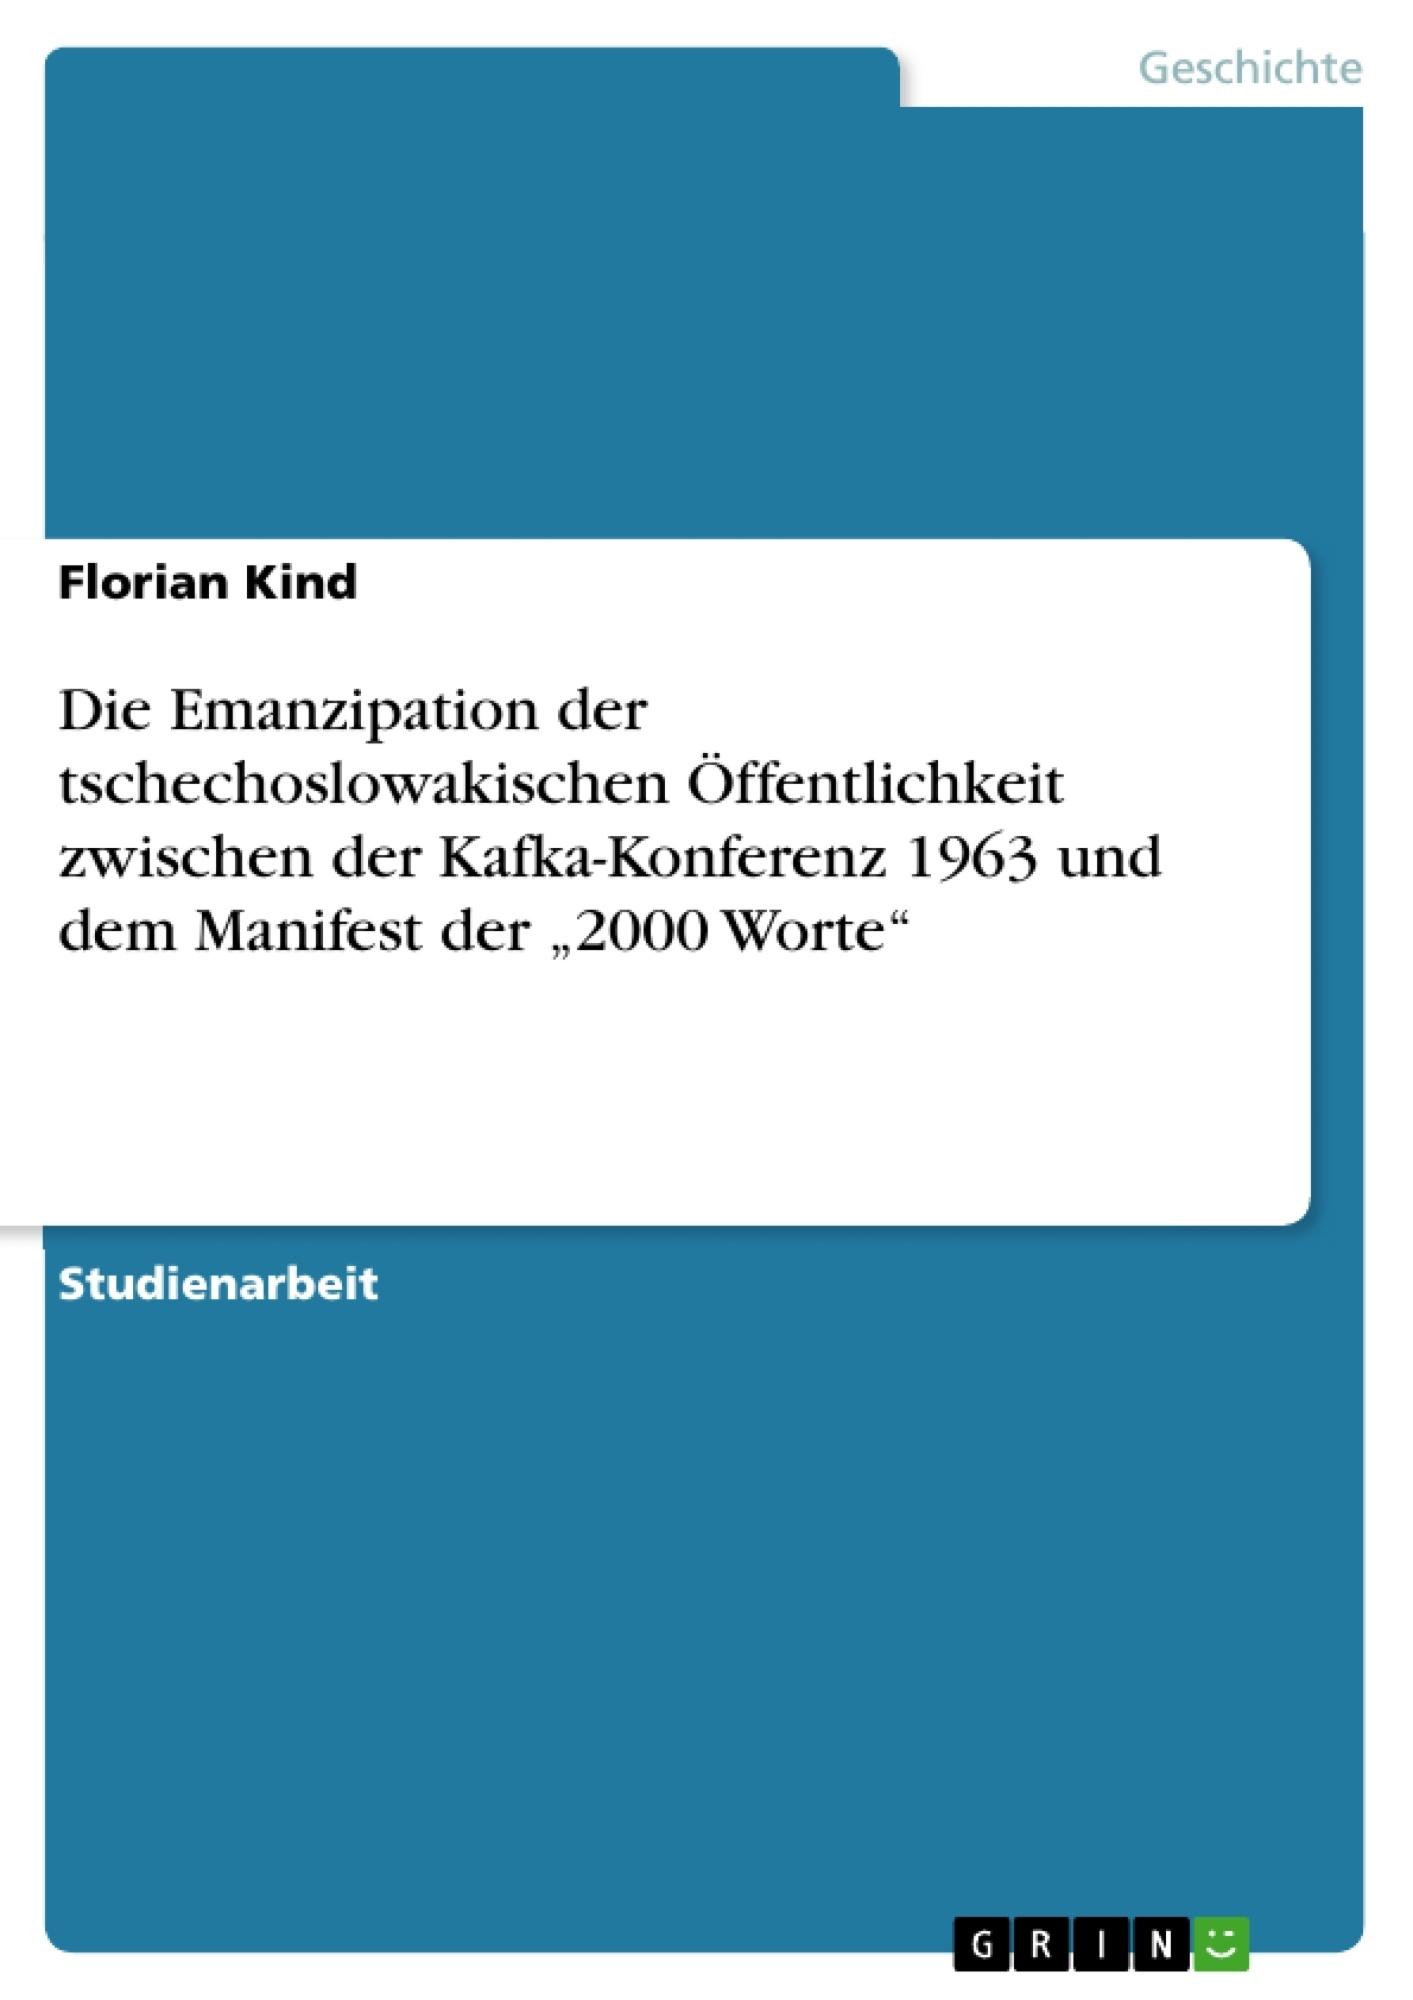 """Titel: Die Emanzipation der tschechoslowakischen Öffentlichkeit zwischen der Kafka-Konferenz 1963 und dem Manifest der """"2000 Worte"""""""